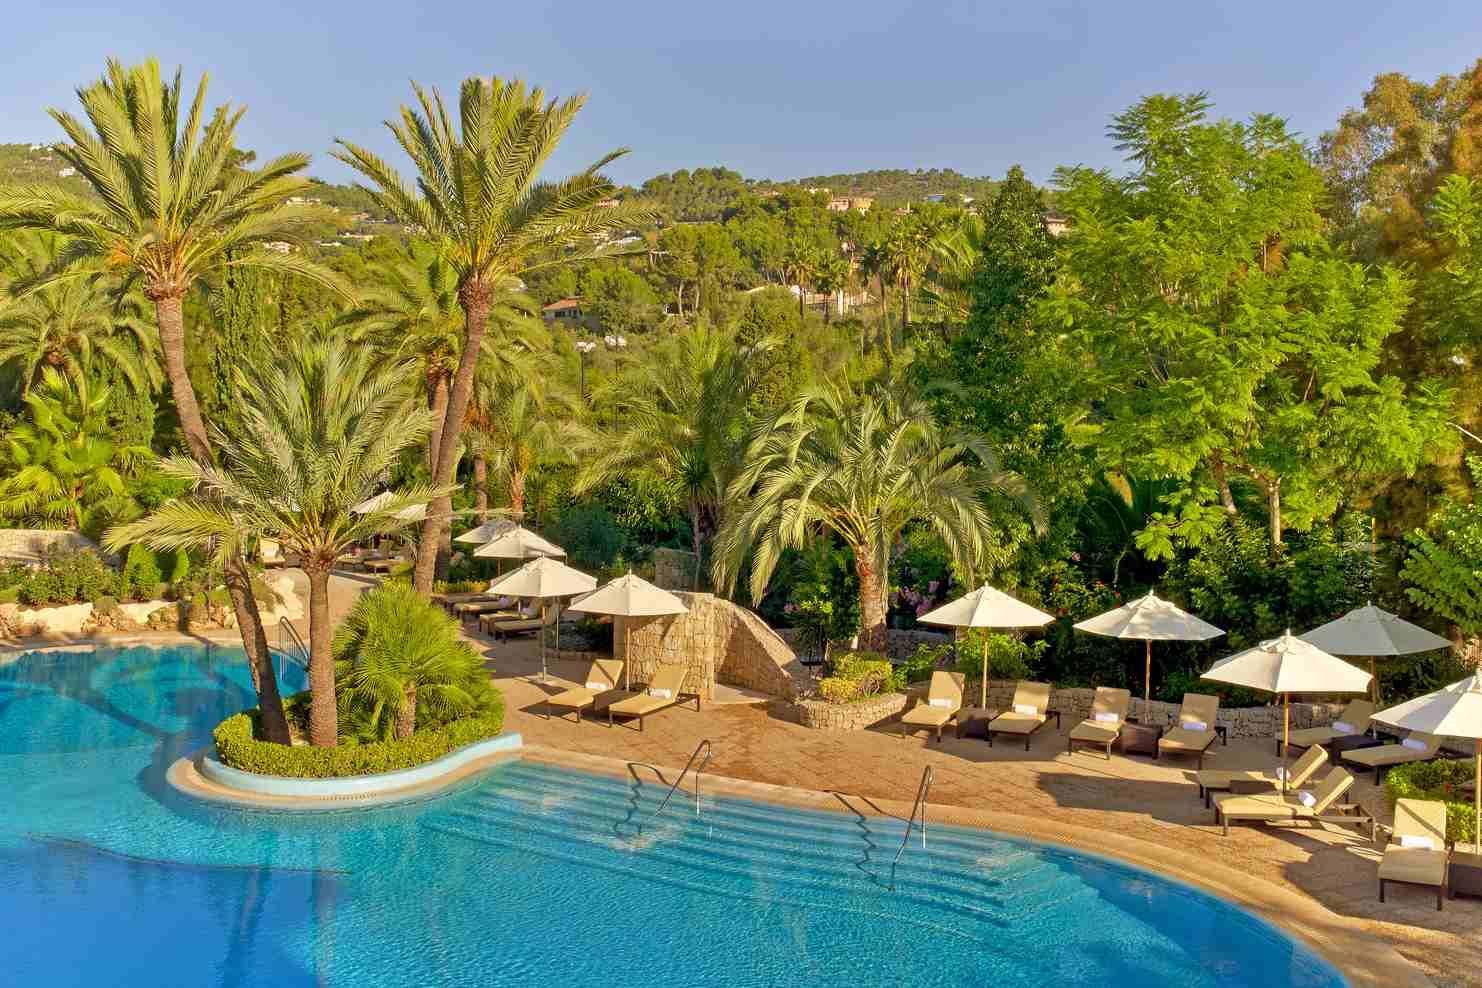 Sheraton Mallorca Arabella Golf Hotel #airberlinholidays #VeraaufMallorca